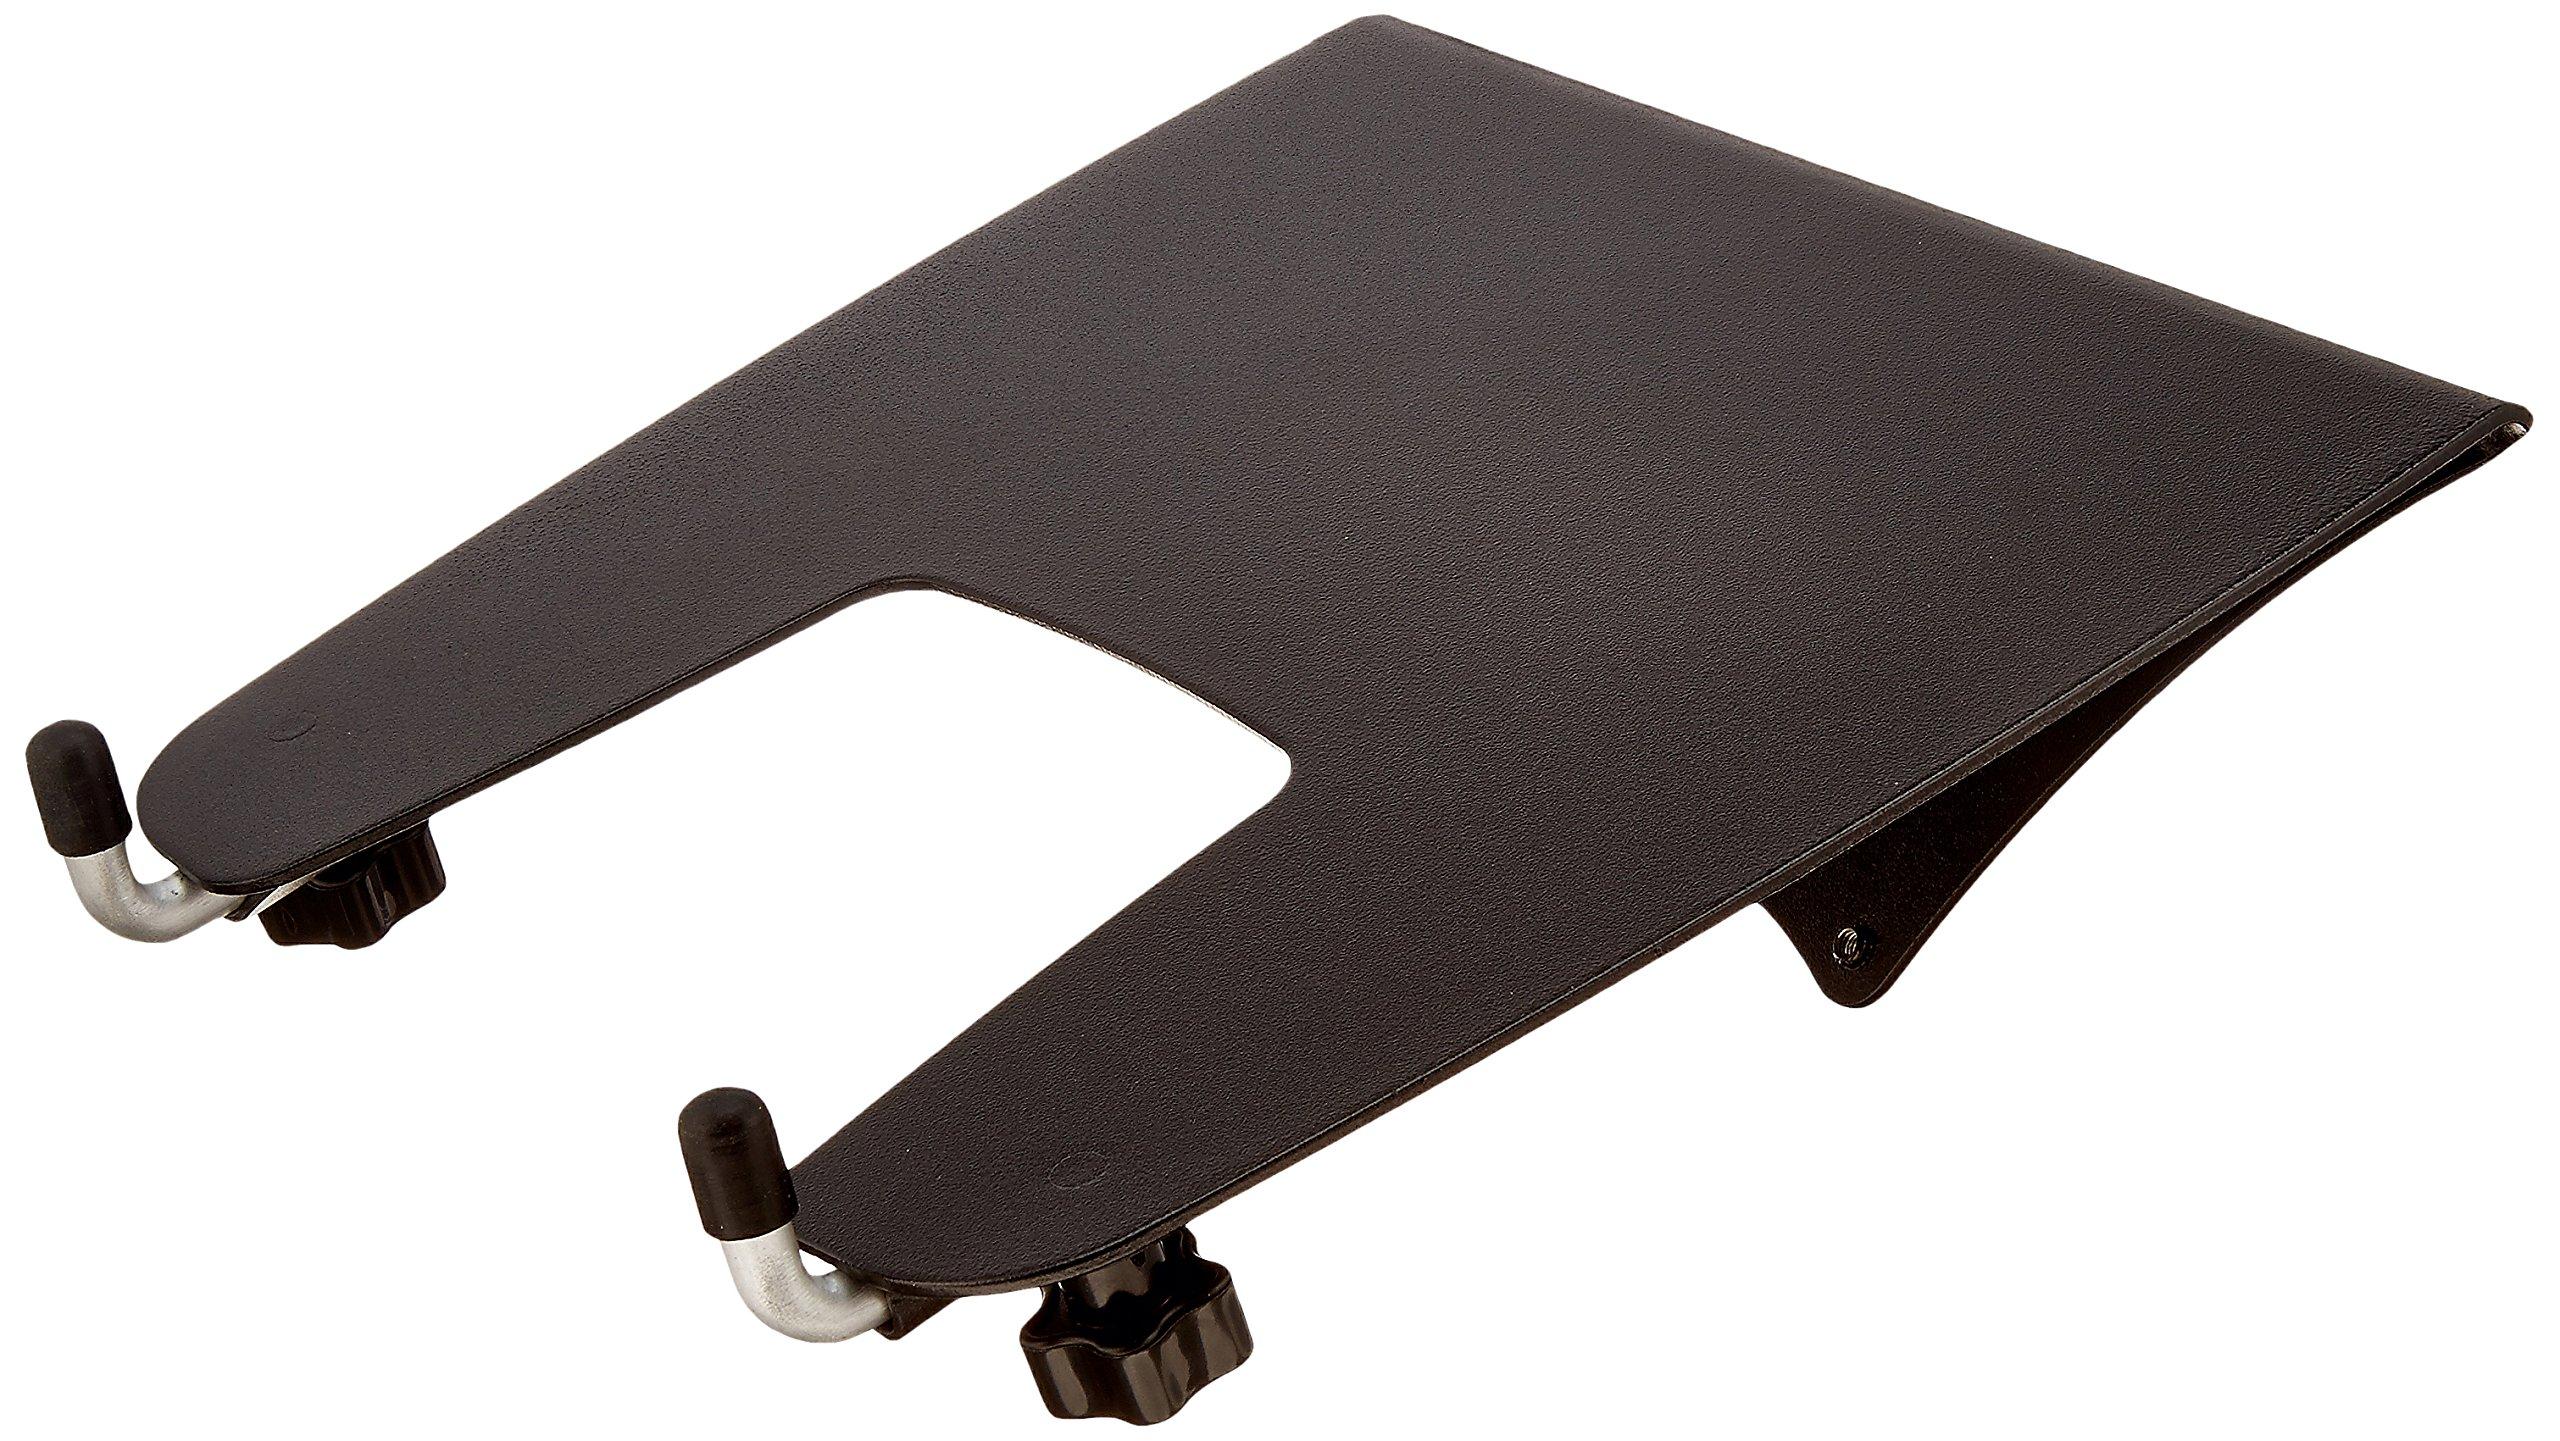 AmazonBasics Notebook Arm Mount Tray by AmazonBasics